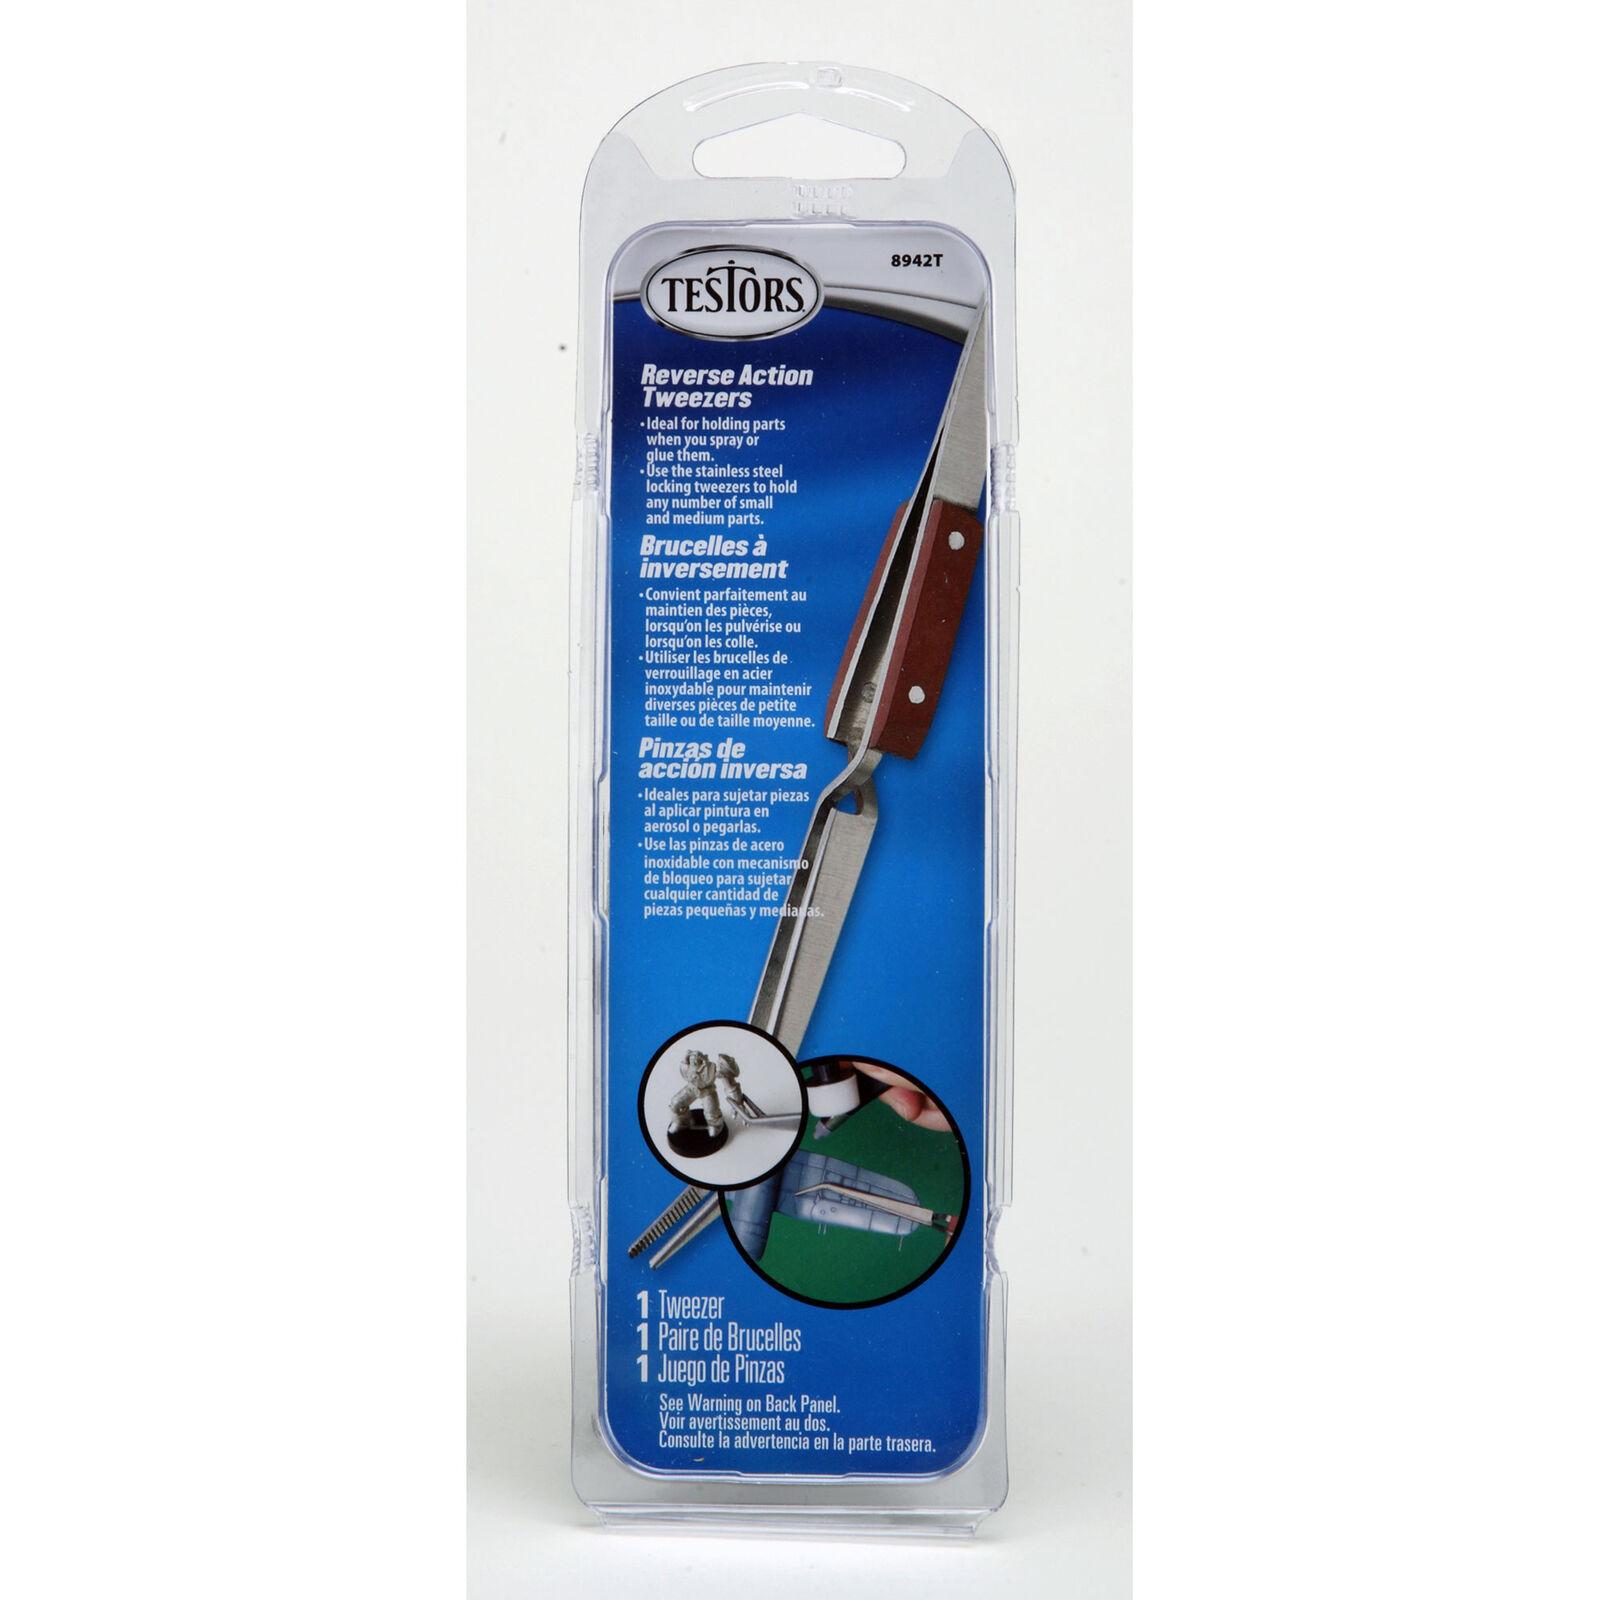 Reverse Action Tweezers Tool